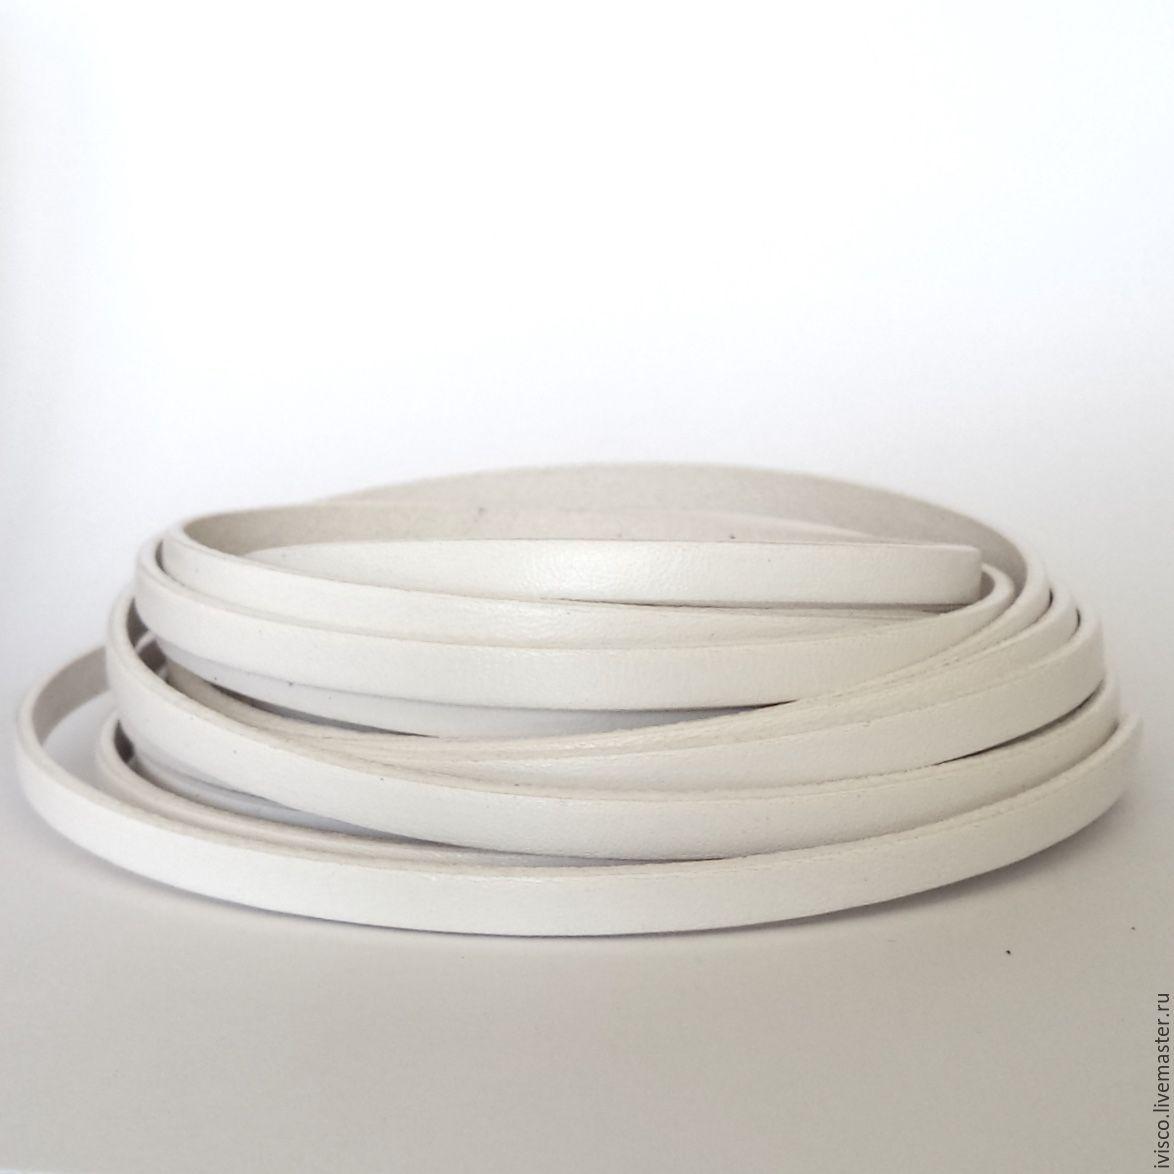 Кожаный шнур 5х2мм белый матовый, Шнуры, Афины, Фото №1